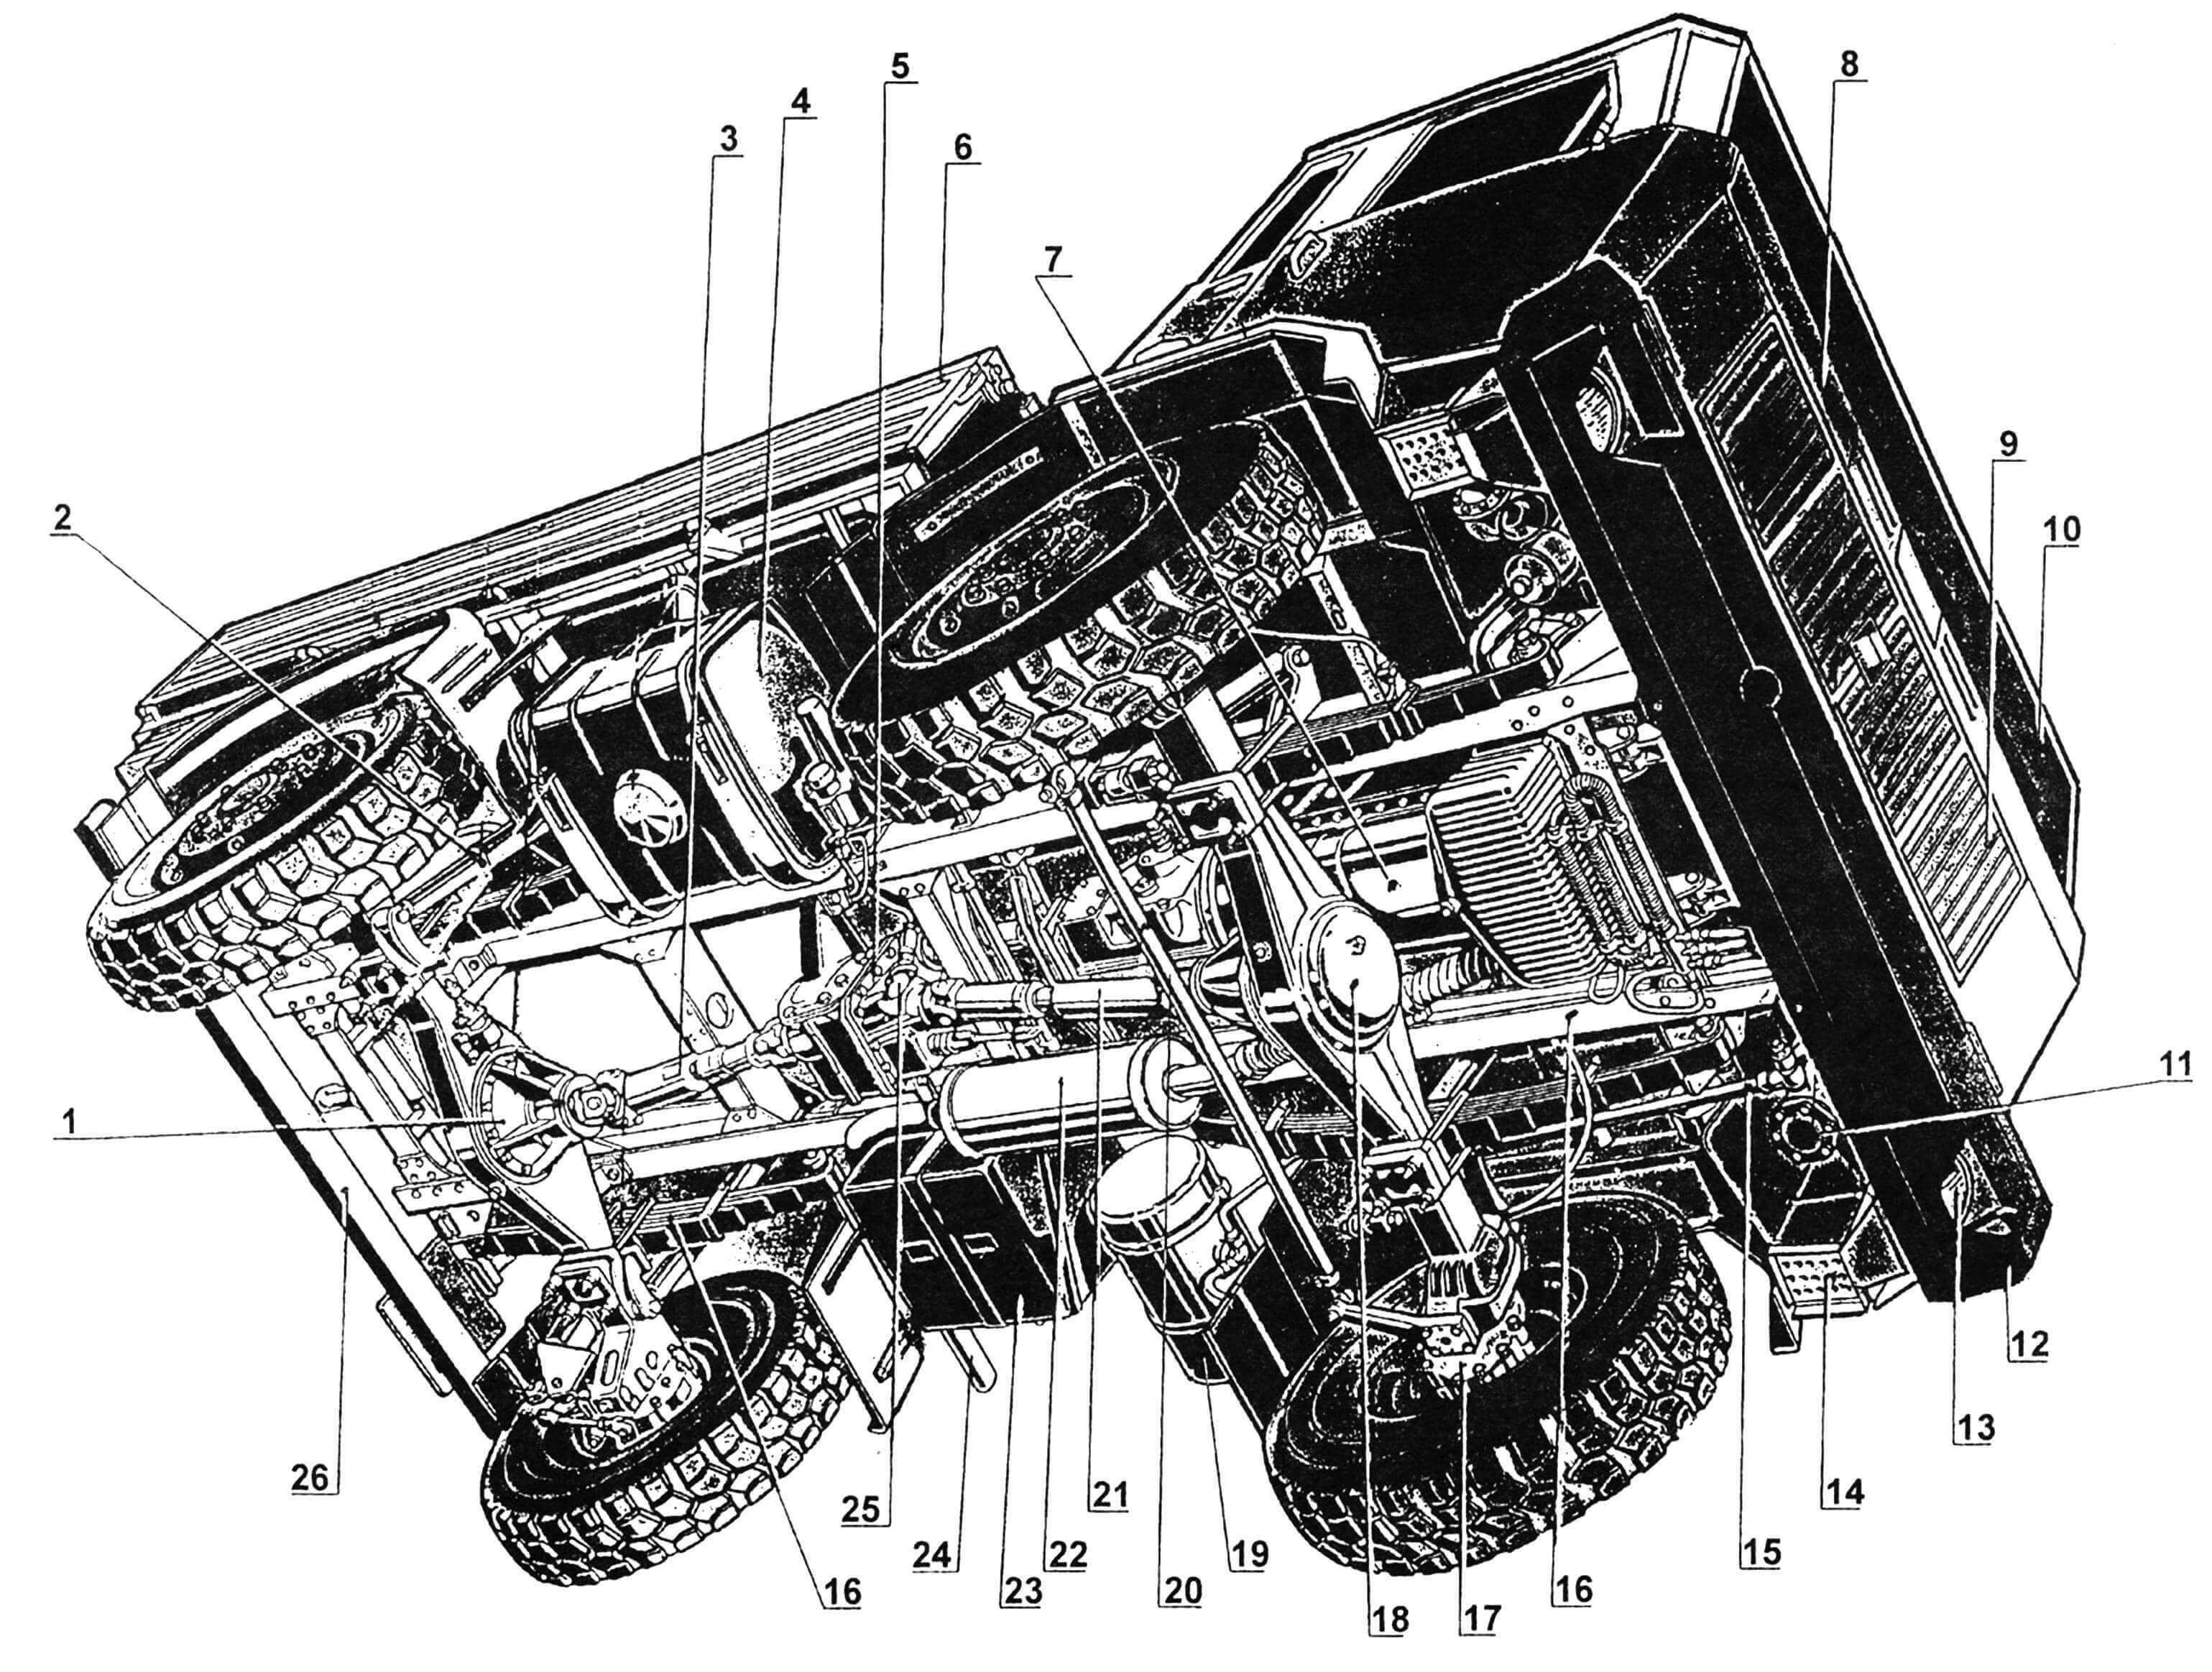 Компоновка: 1 — передача главная и дифференциал; 2 — амортизатор; 3,21 валы карданные; 4 — бак топливный; 5 — коробка раздаточная; 6 — платформа грузовая; 7 — двигатель; 8 — кабина; 9 — облицовка радиатора; 10 — стекло лобовое; 11 — механизм рулевой; 12 — бампер; 13 — фара; 14 — подножка; 15 — тяга рулевая, продольная; 16 — лонжерон рамы; 17 — редуктор колесный; 18 — редуктор переднего моста; 19 — рессивер гидросистемы; 20 — тяга рулевая, поперечная; 22 — глушитель; 23 — ящик аккумуляторный; 24 — труба выхлопная; 25 — гидронасос; 26 — брус отбойный.